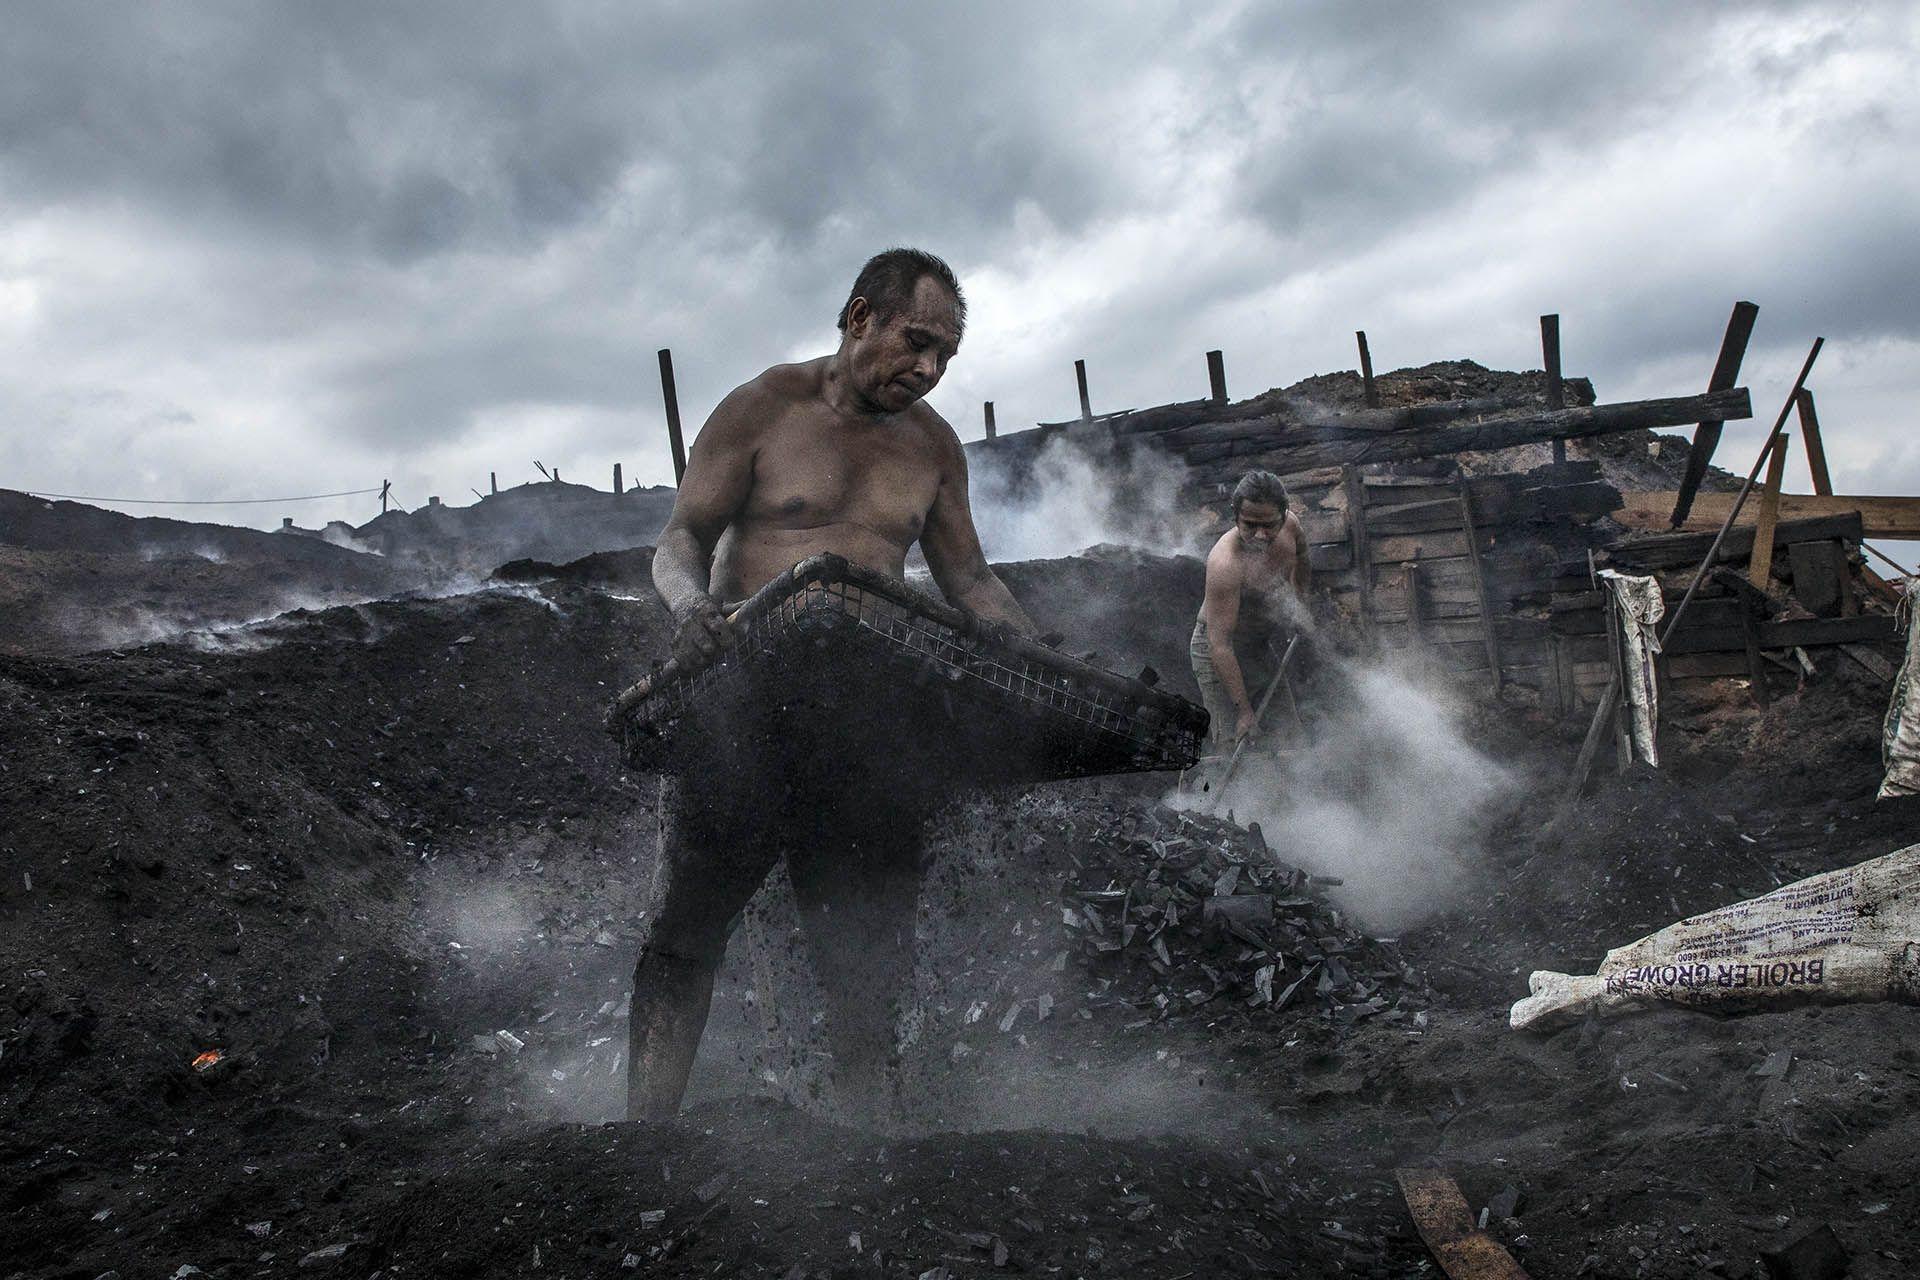 人物組〈勤作〉張毅生   臺灣│在馬來西亞新山的一個礦區,木炭移工不畏烈日風雨,每天勤奮地努力工作。儘管環境惡劣,為了生活仍要勇敢地奮鬥下去。